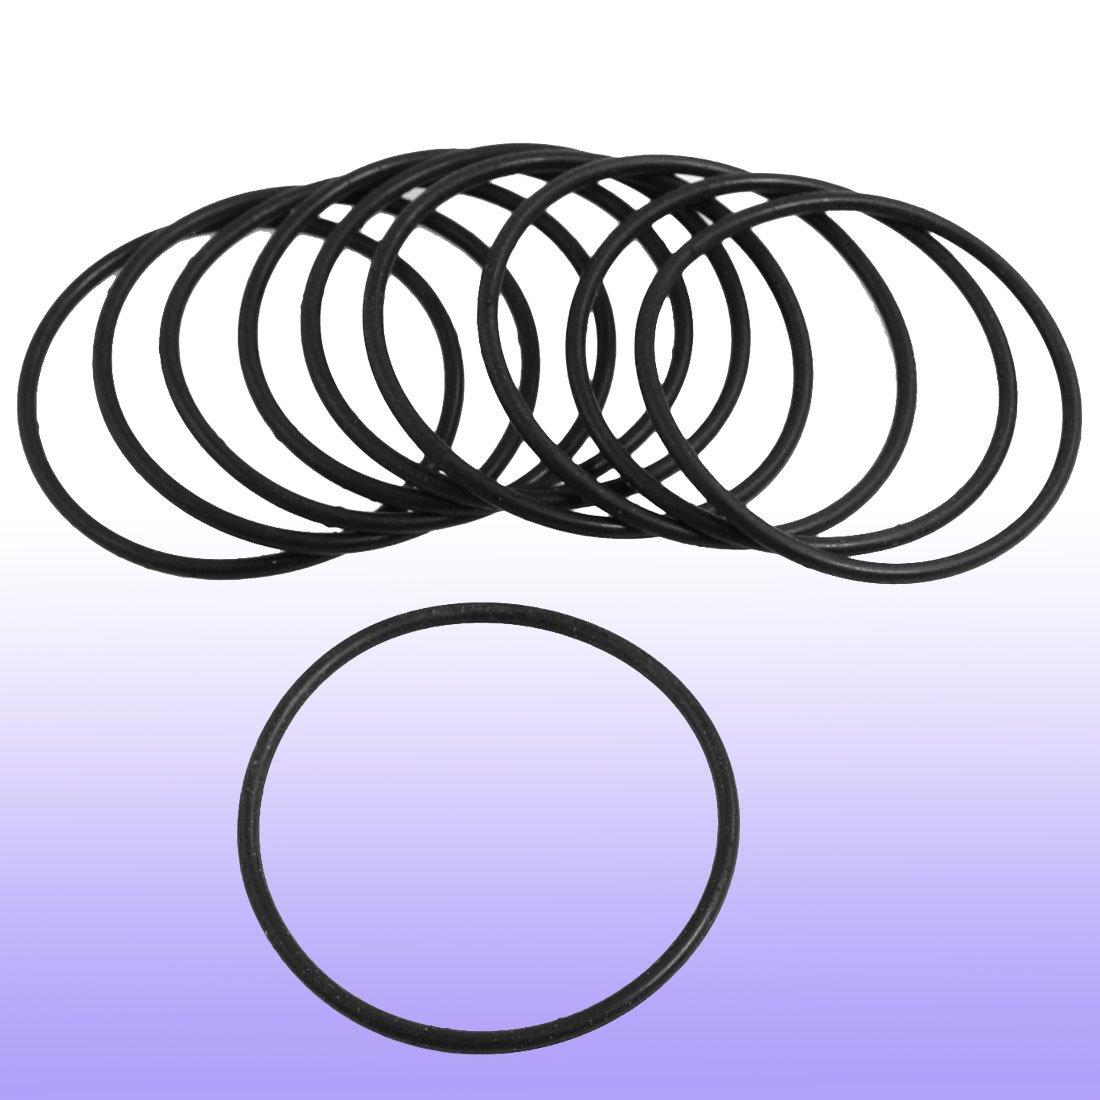 O-Ring Anello Di Tenuta In Gomma Spessore 2mm Diametro Esterno 44mm 10 Pezzi